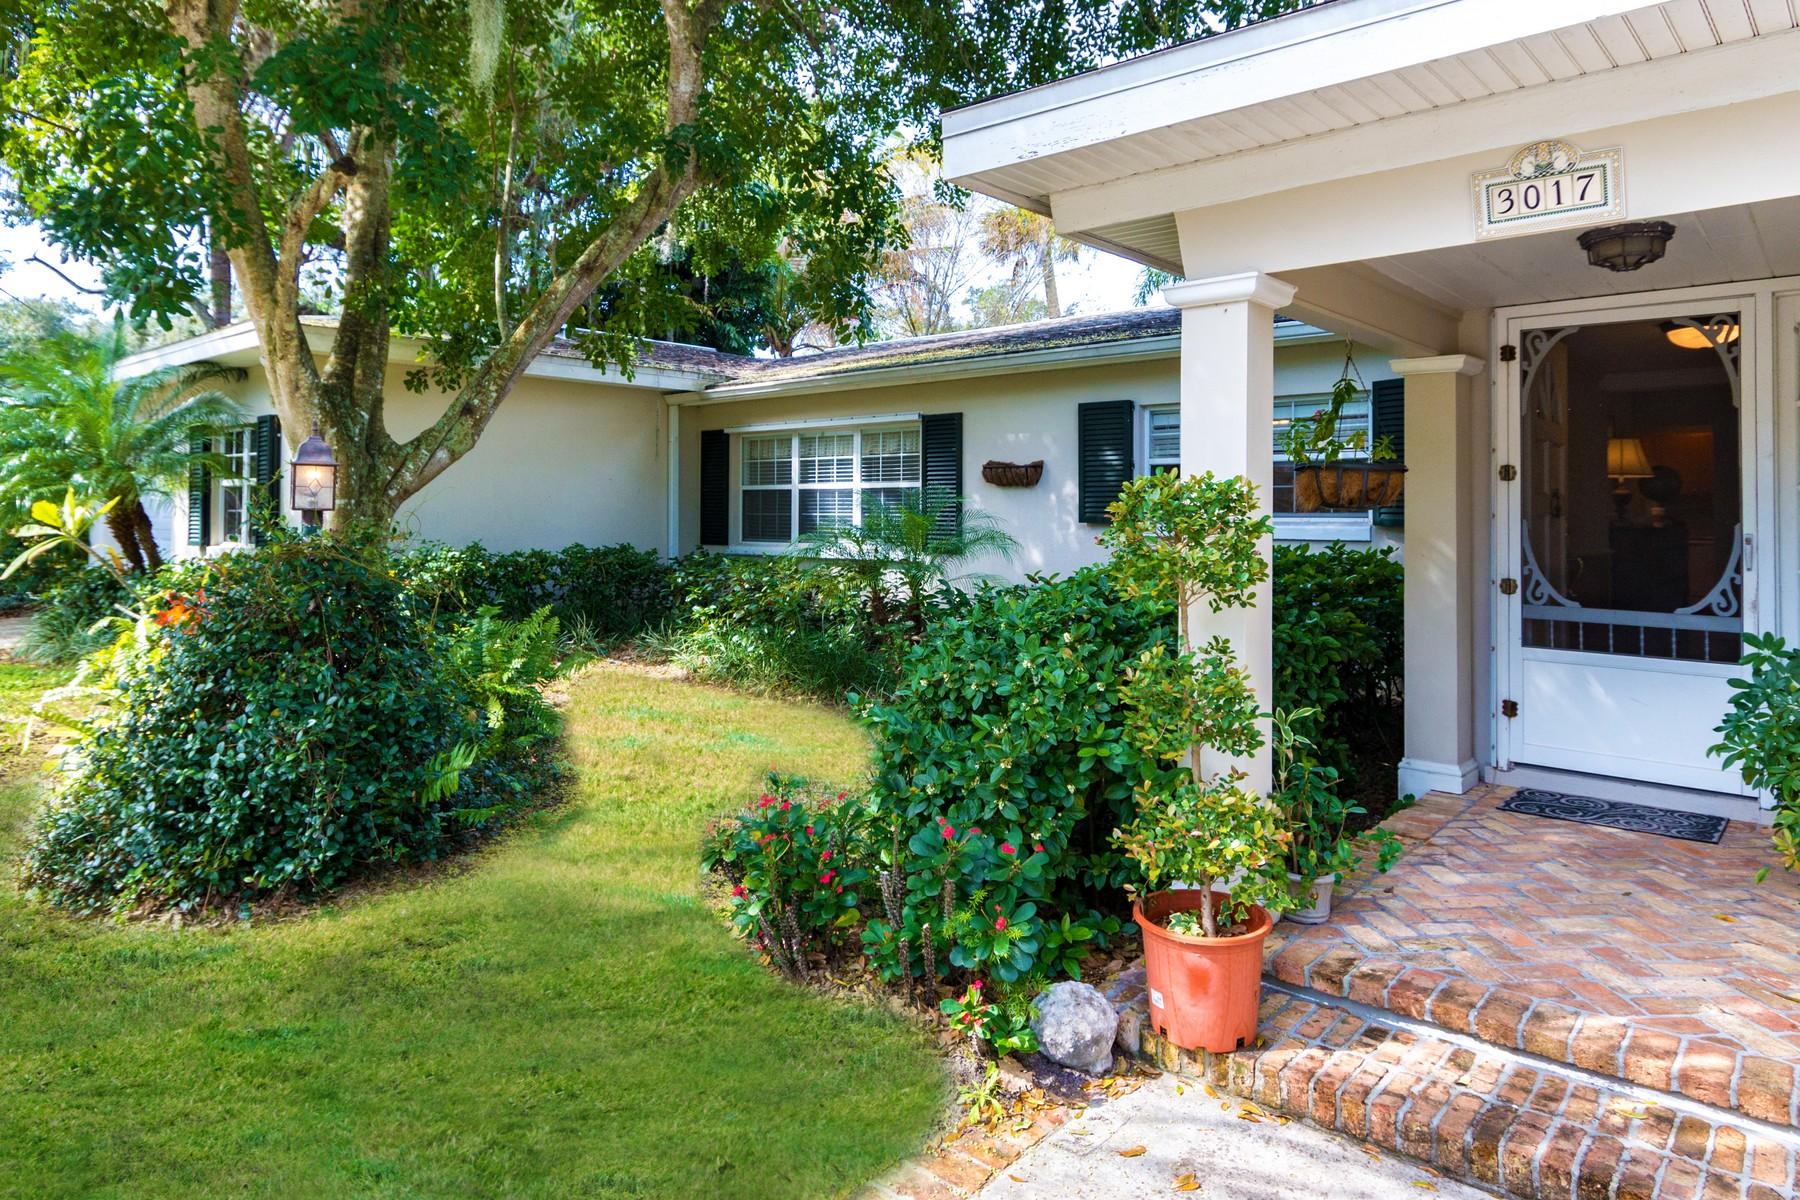 一戸建て のために 売買 アット Beautiful Golf Course Home at Country Club Pointe 3017 Golfview Dr Vero Beach, フロリダ, 32960 アメリカ合衆国